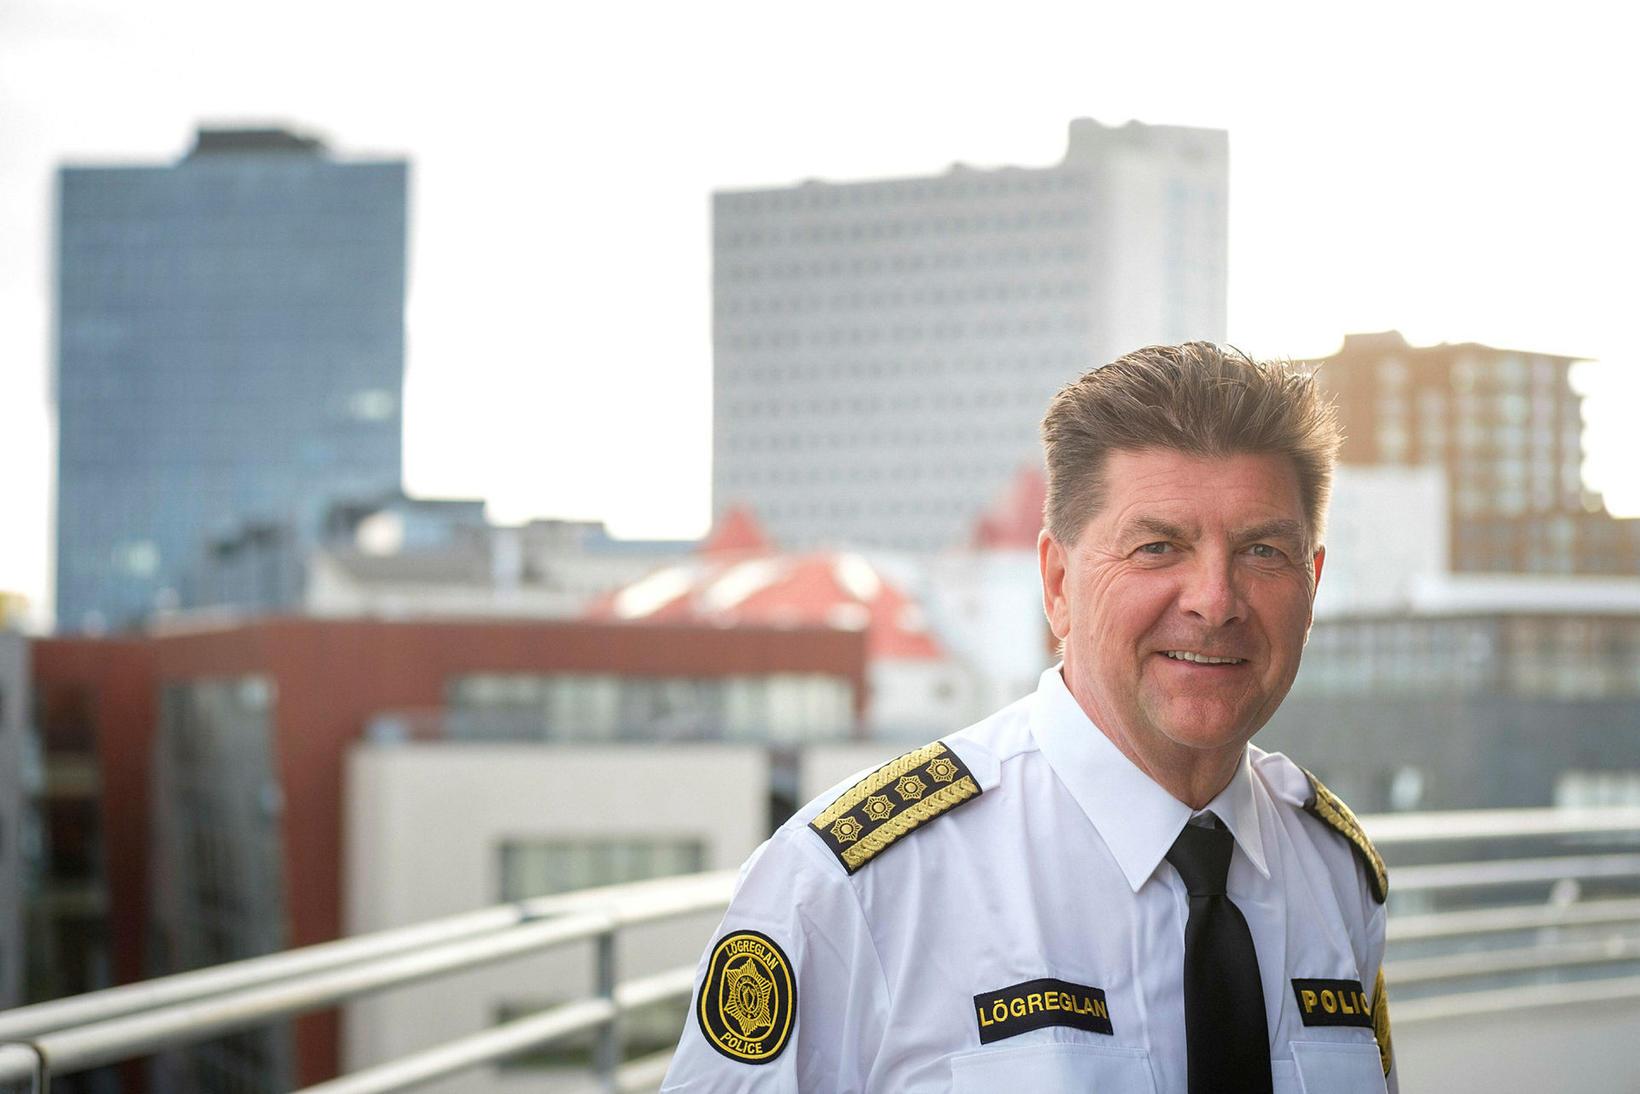 Haraldur Johannessen, fráfarandi ríkislögreglustjóri.